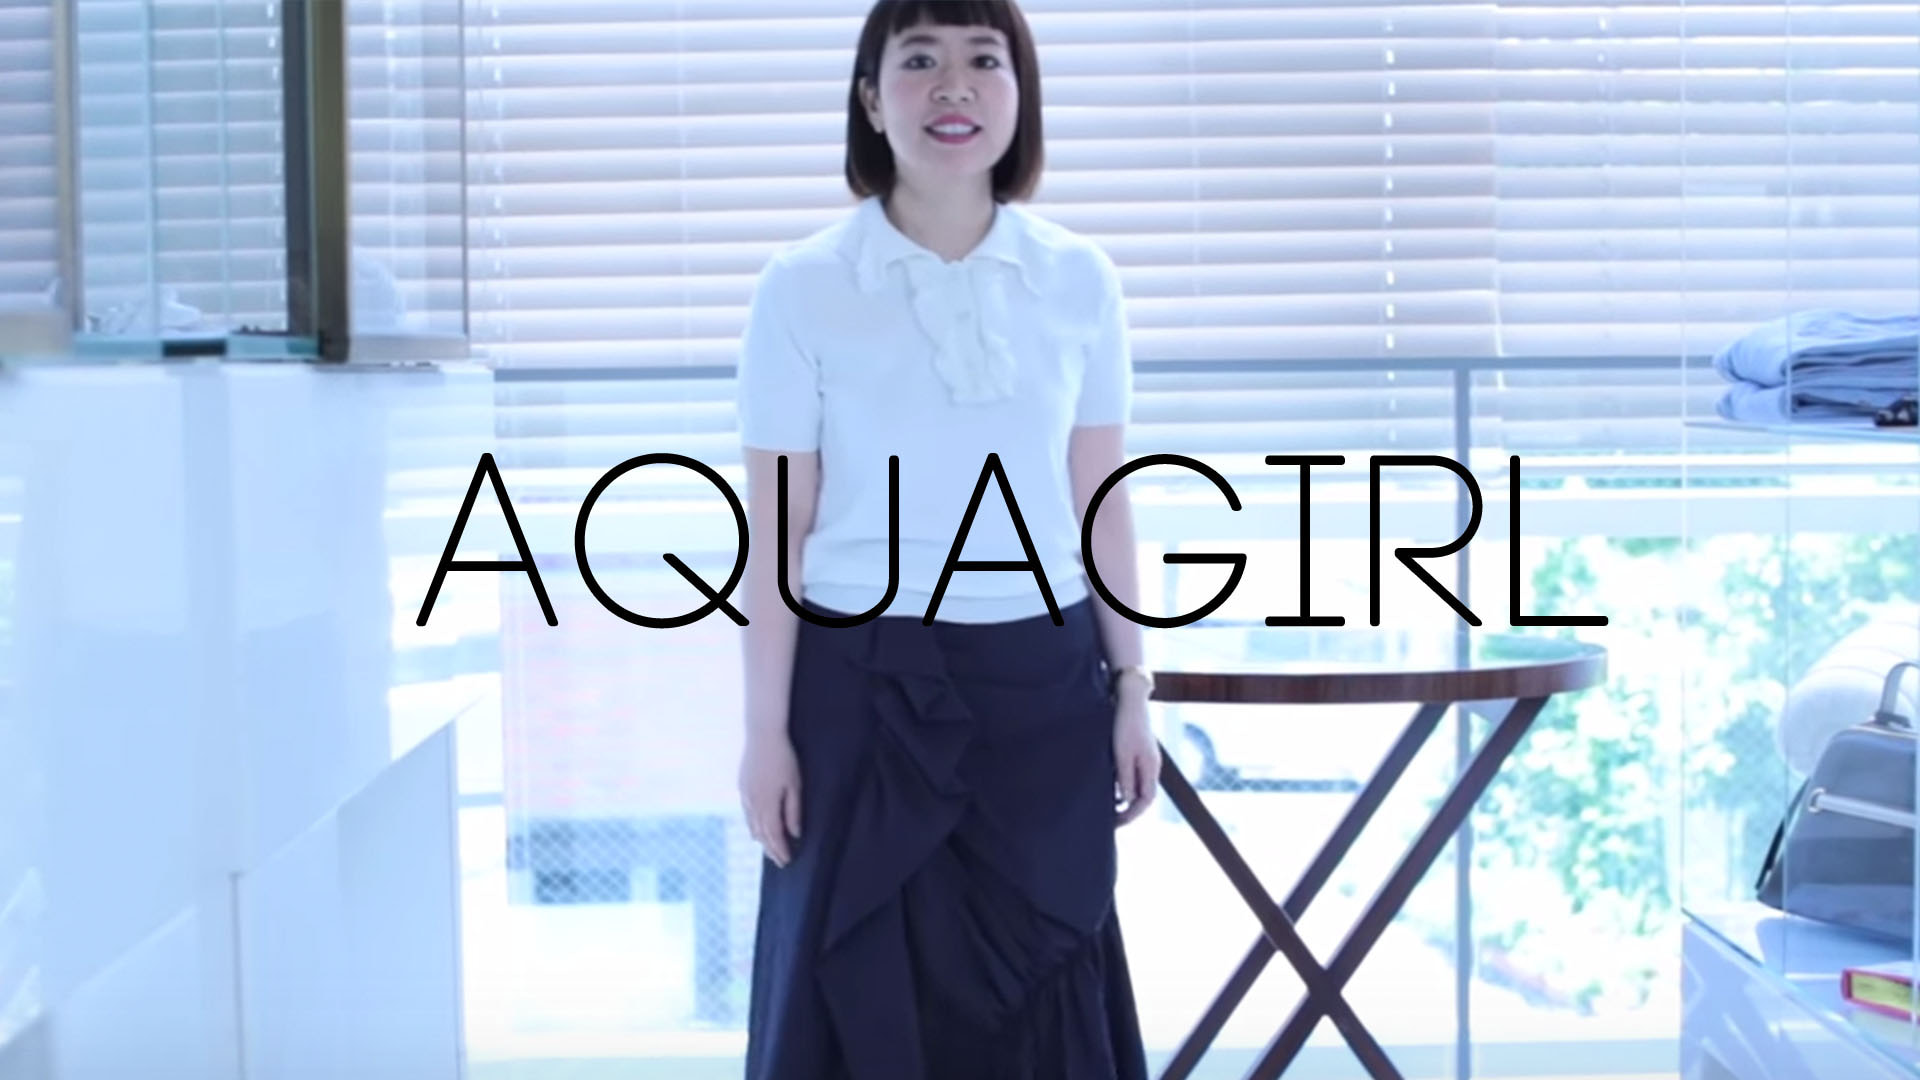 デザインを楽しむ「ロマンティック ユーティリティー」【aquagirl代官山#3】